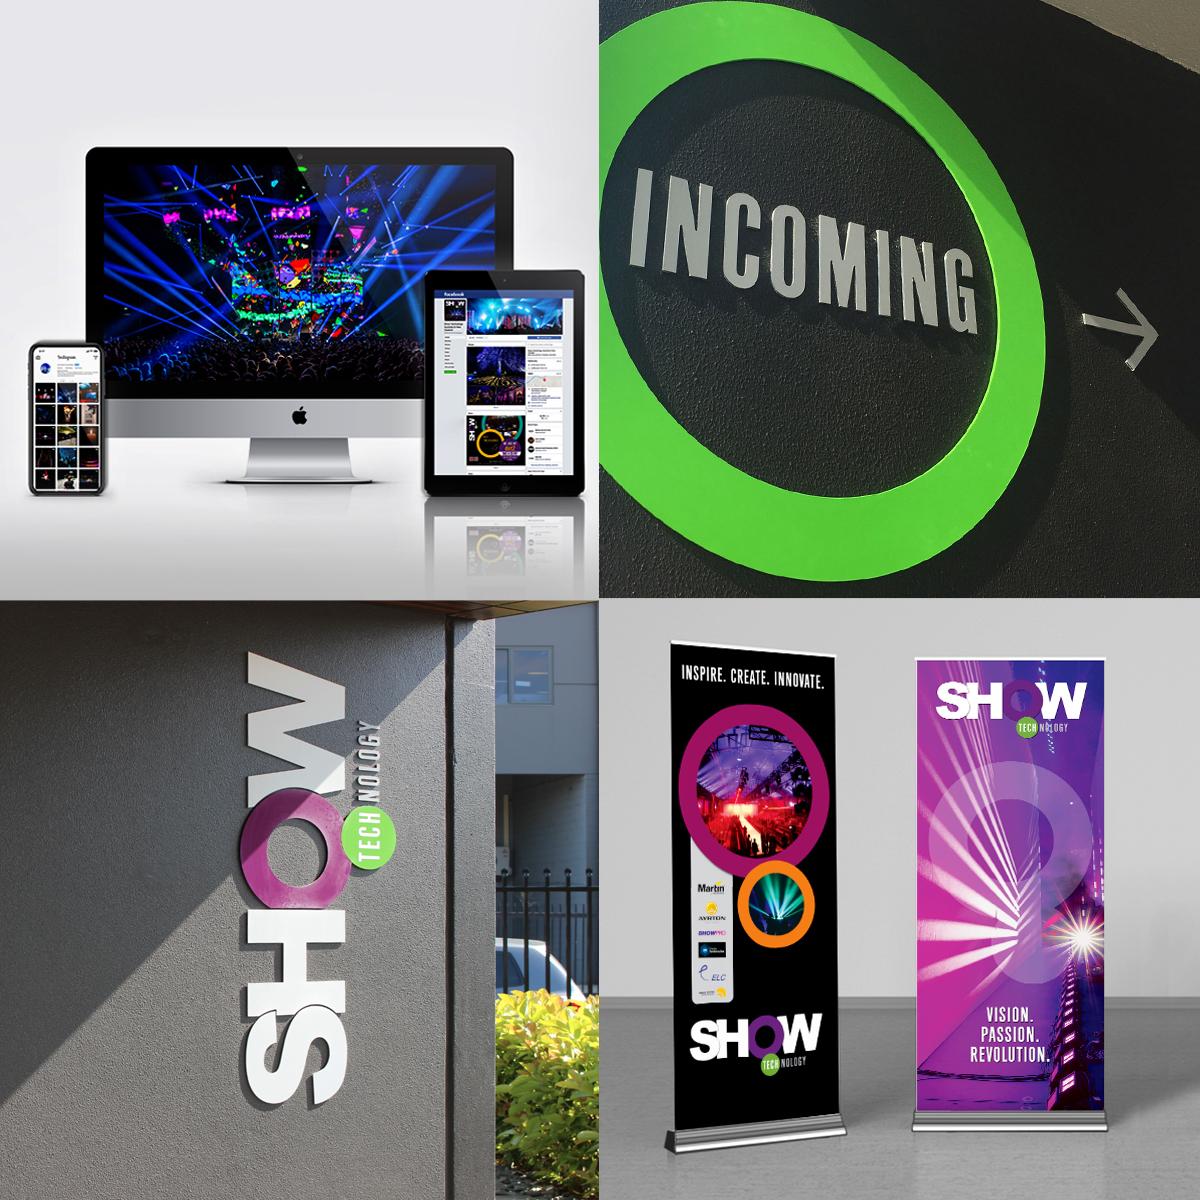 Mela-Creative Show Technology Branding Assets